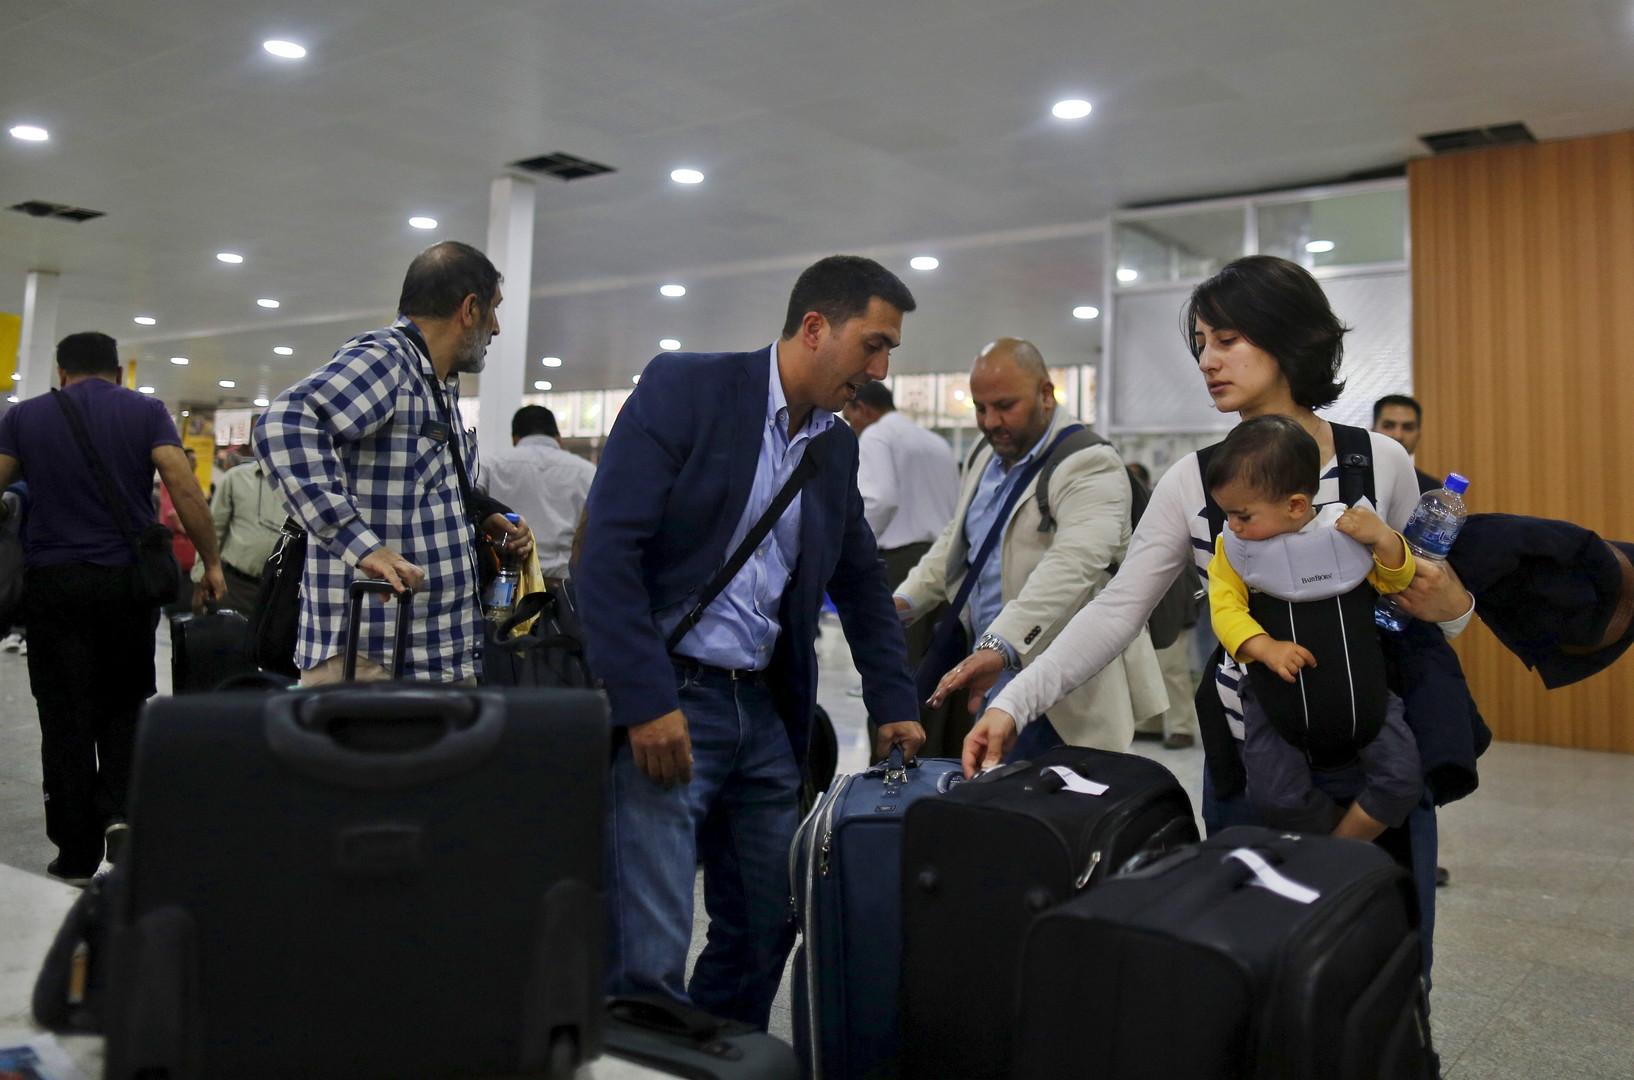 مواصلة إجلاء الرعايا الأجانب من اليمن